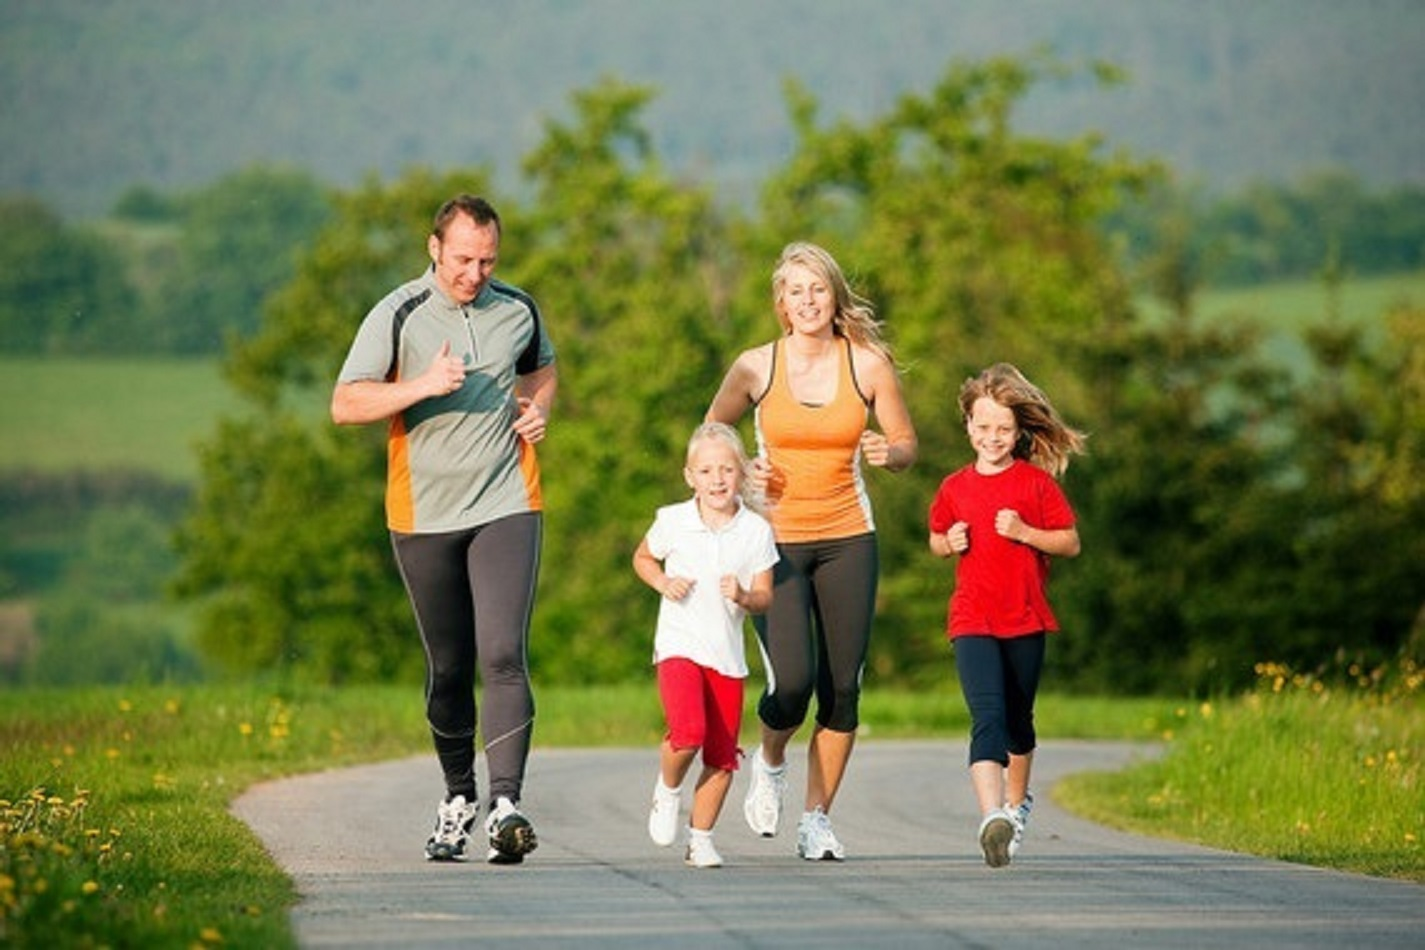 Hacer 30 minutos de actividad física diaria puede reducir en un 16 % el  riesgo de muerte | Neomundo